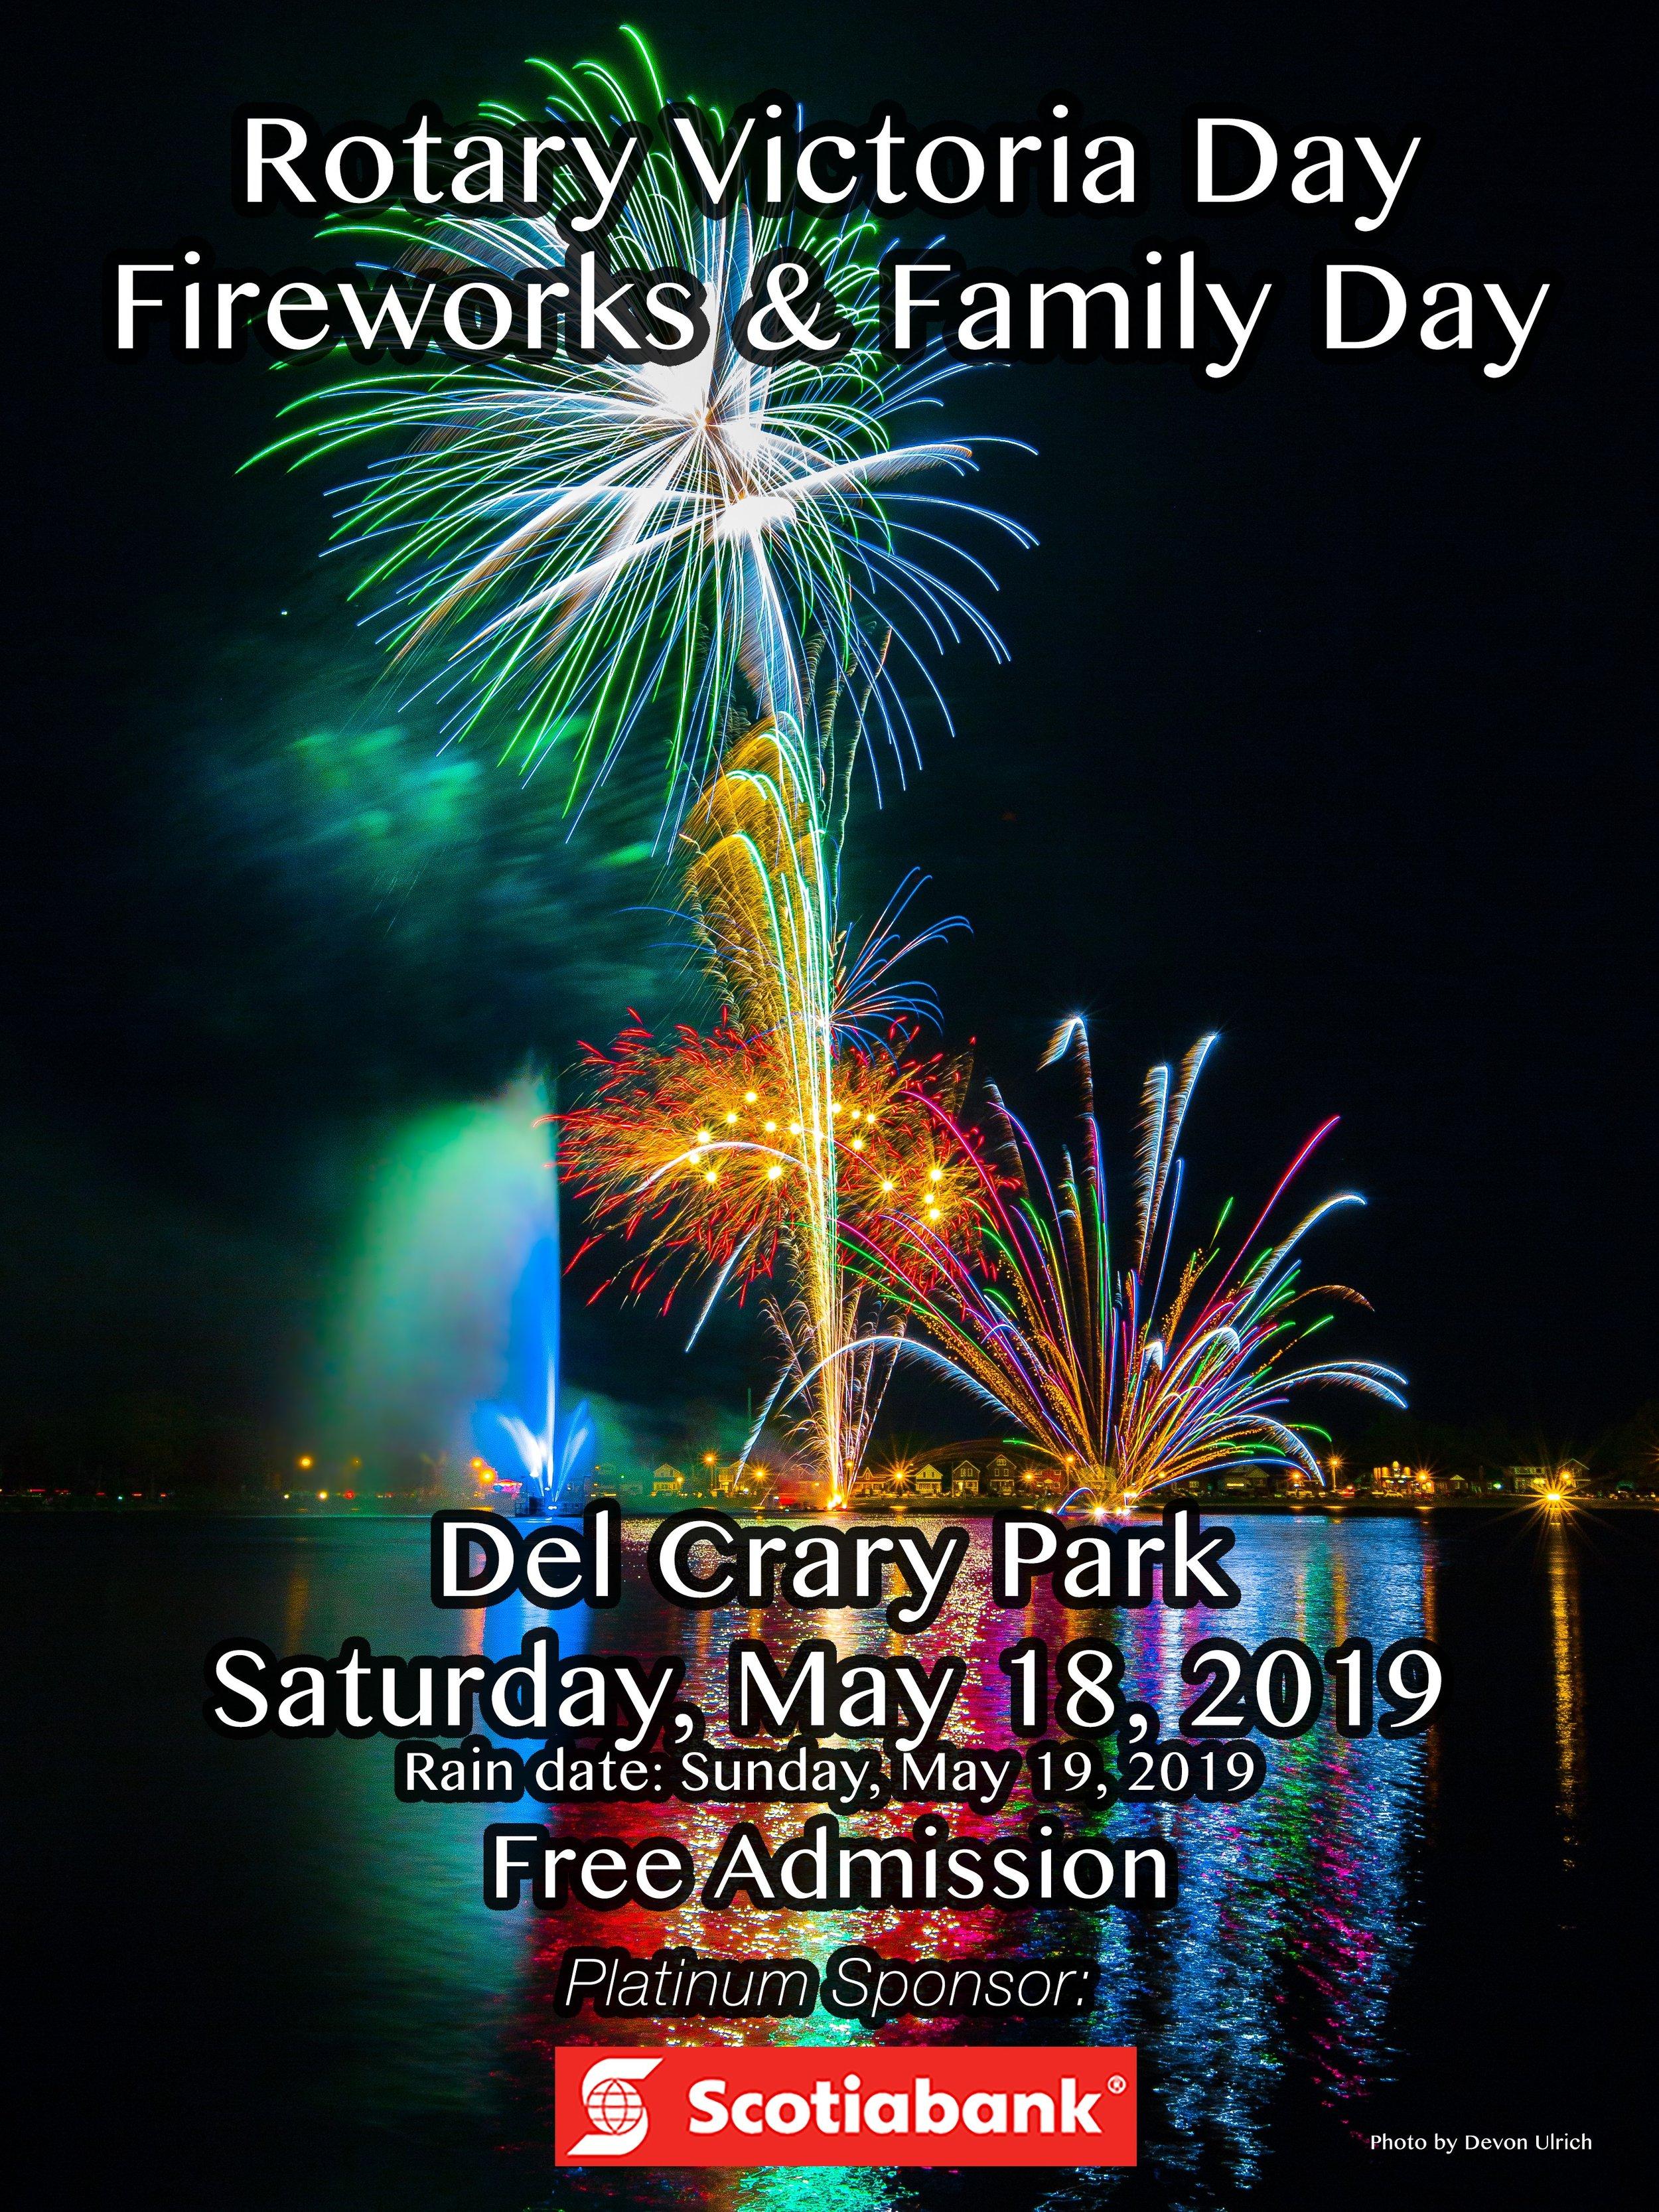 Rotary Fireworks SM Ad_DevonUlrich.jpg